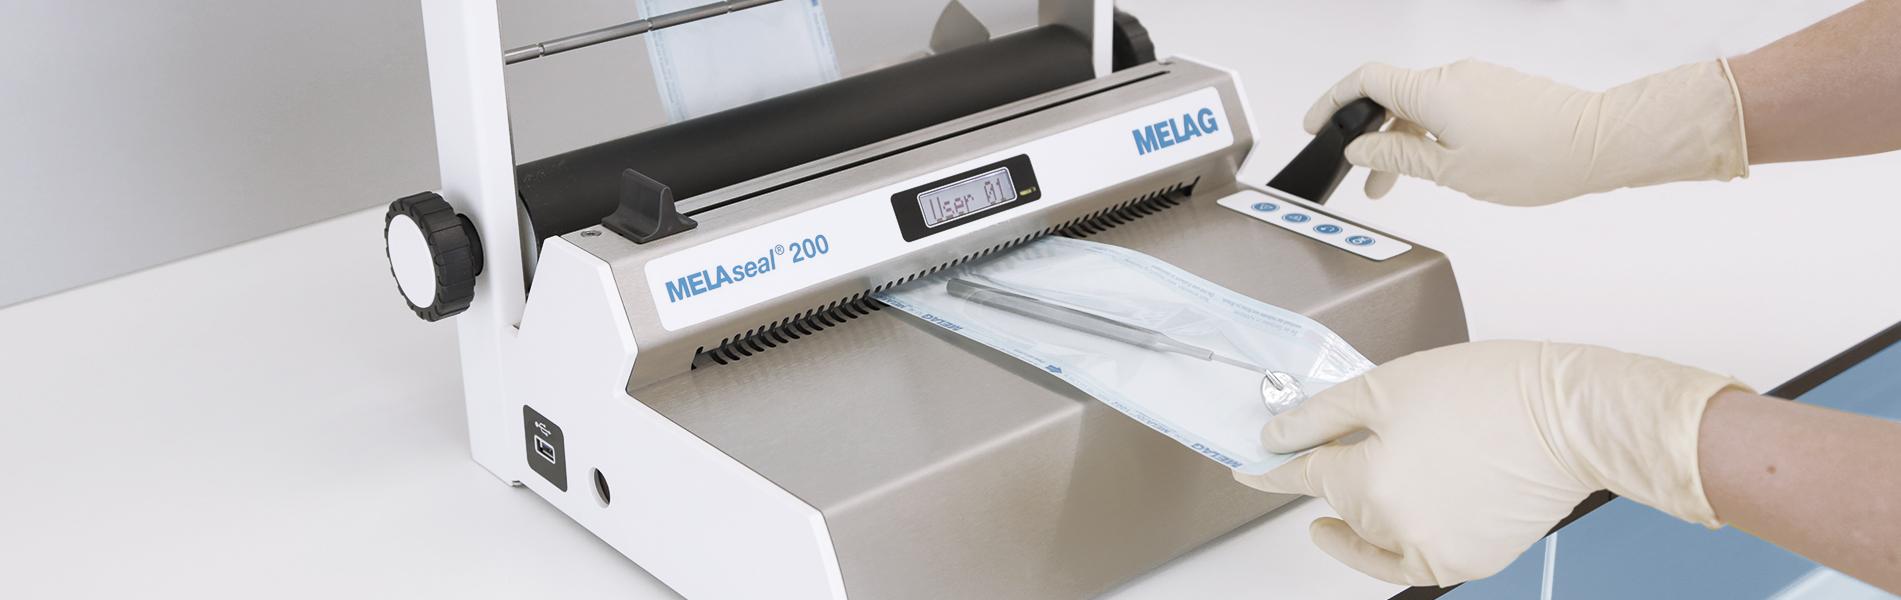 Soudeuse MELAseal 200